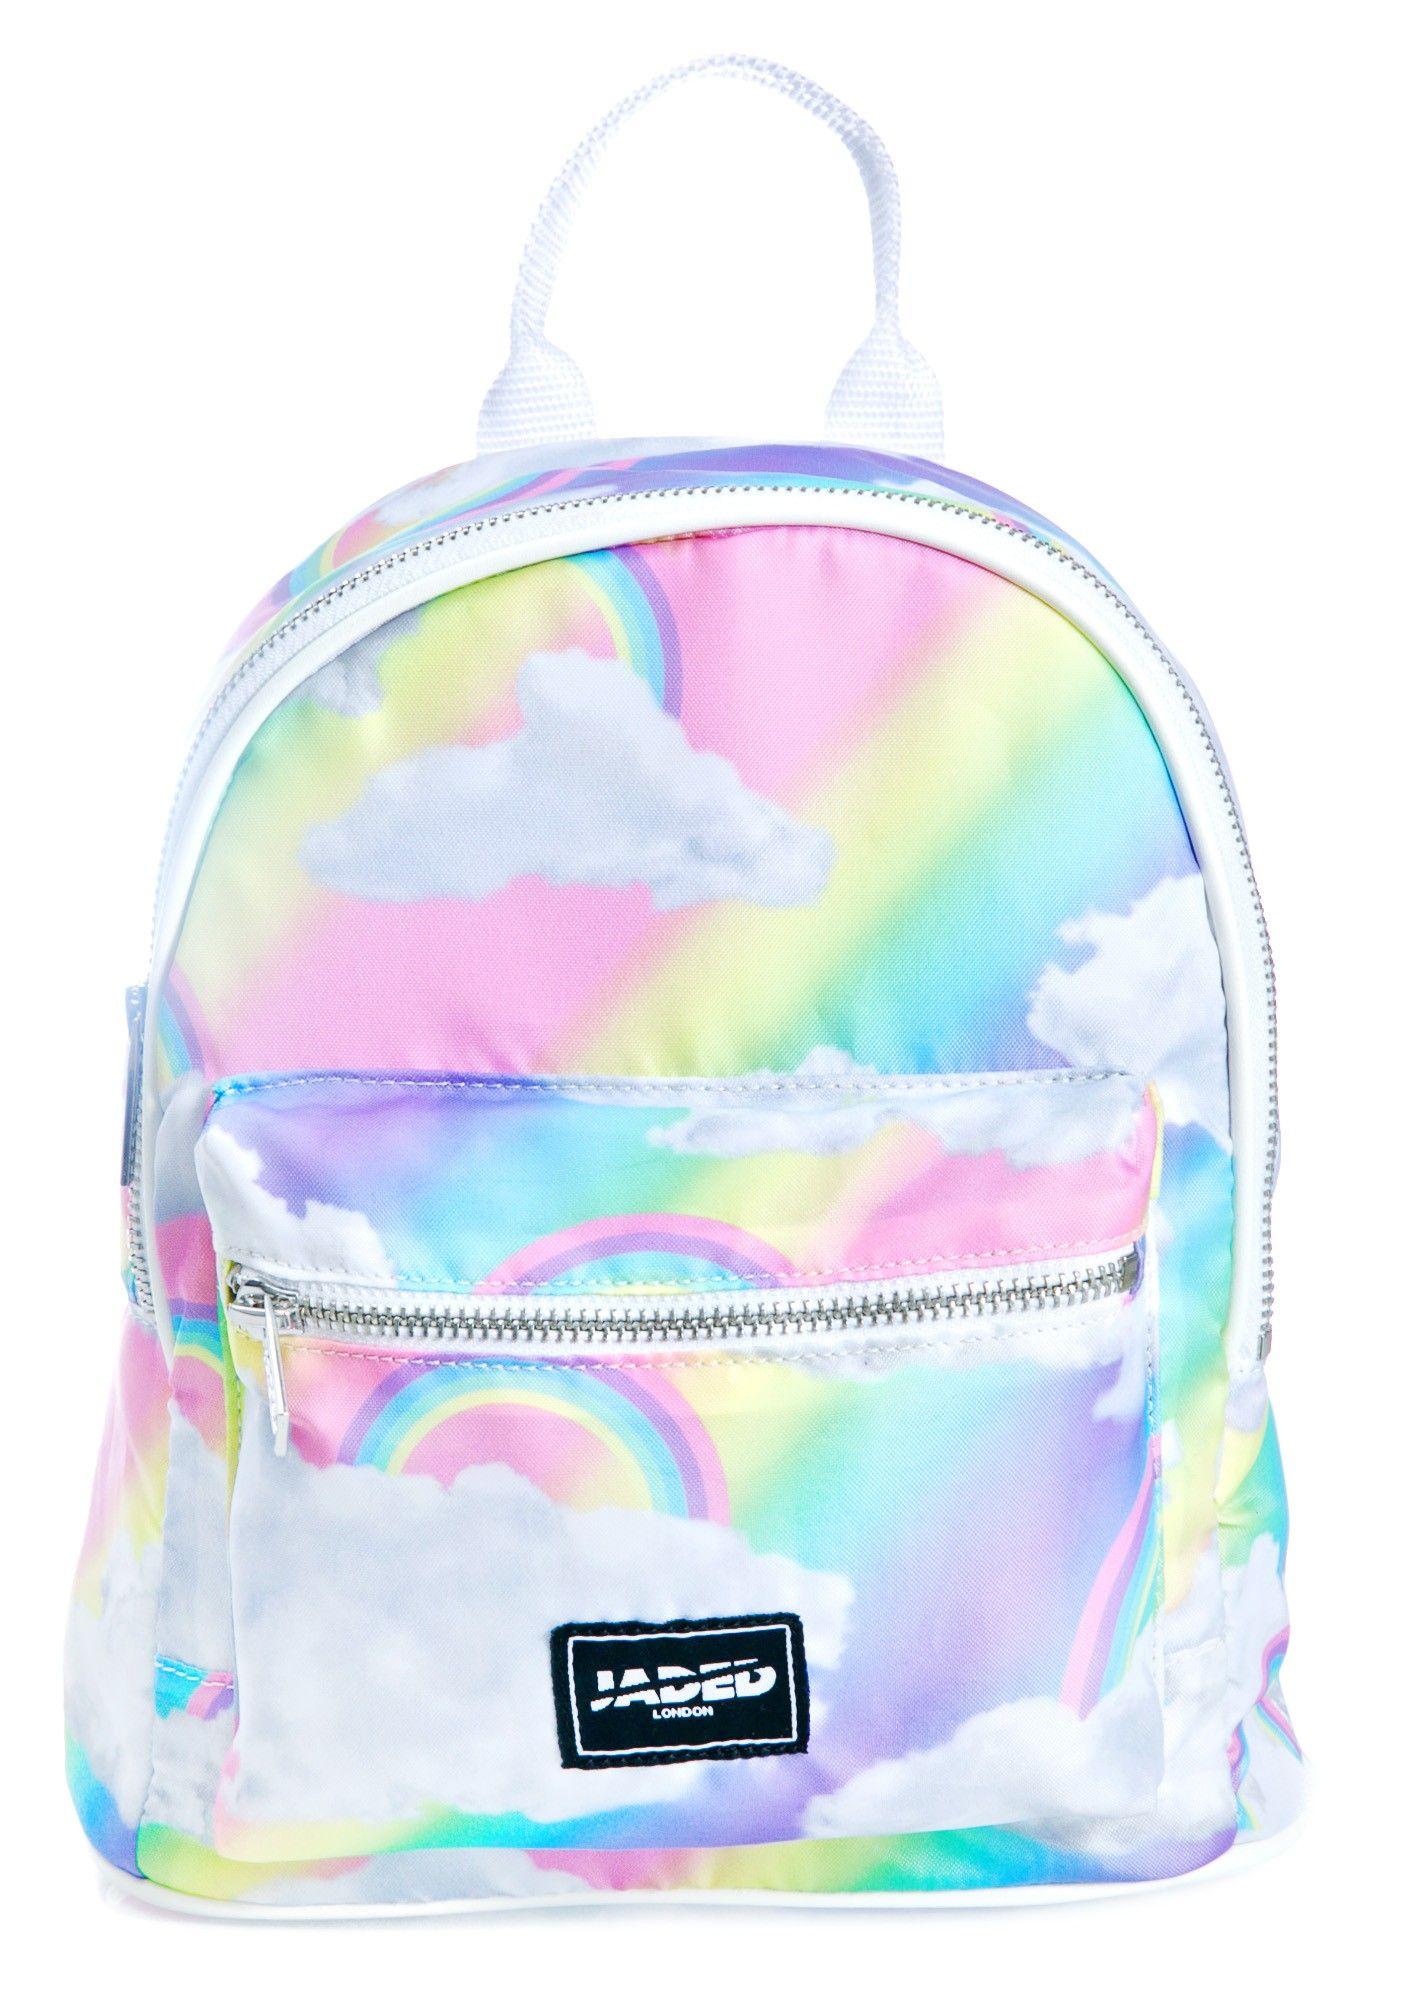 06a39d1329 Jaded London Rainbow Cloud Backpack